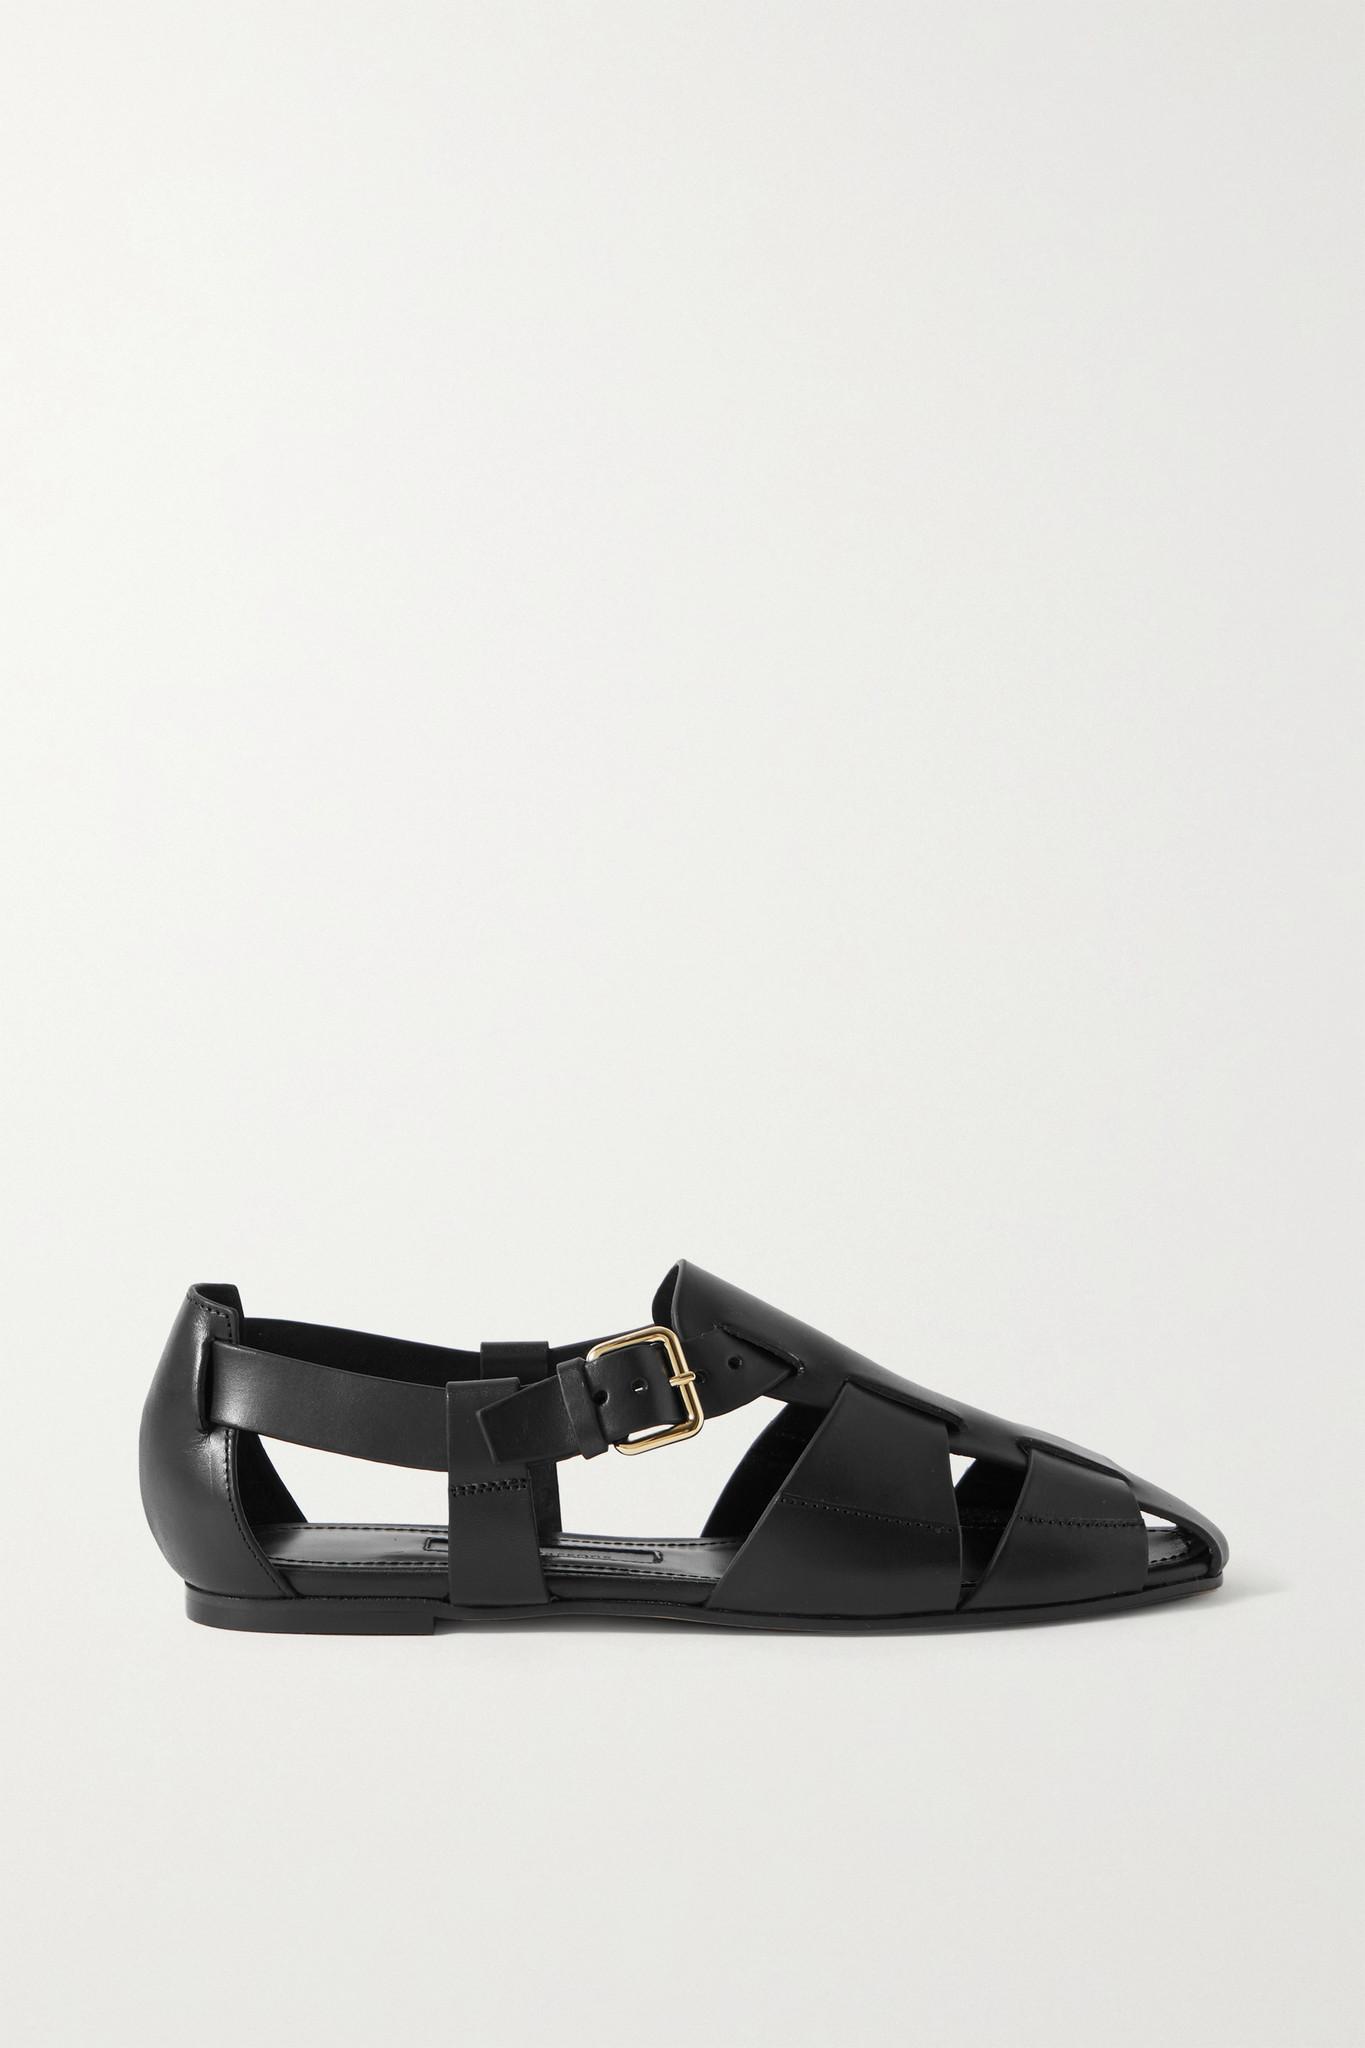 EMME PARSONS - Ernest 皮革凉鞋 - 黑色 - IT35